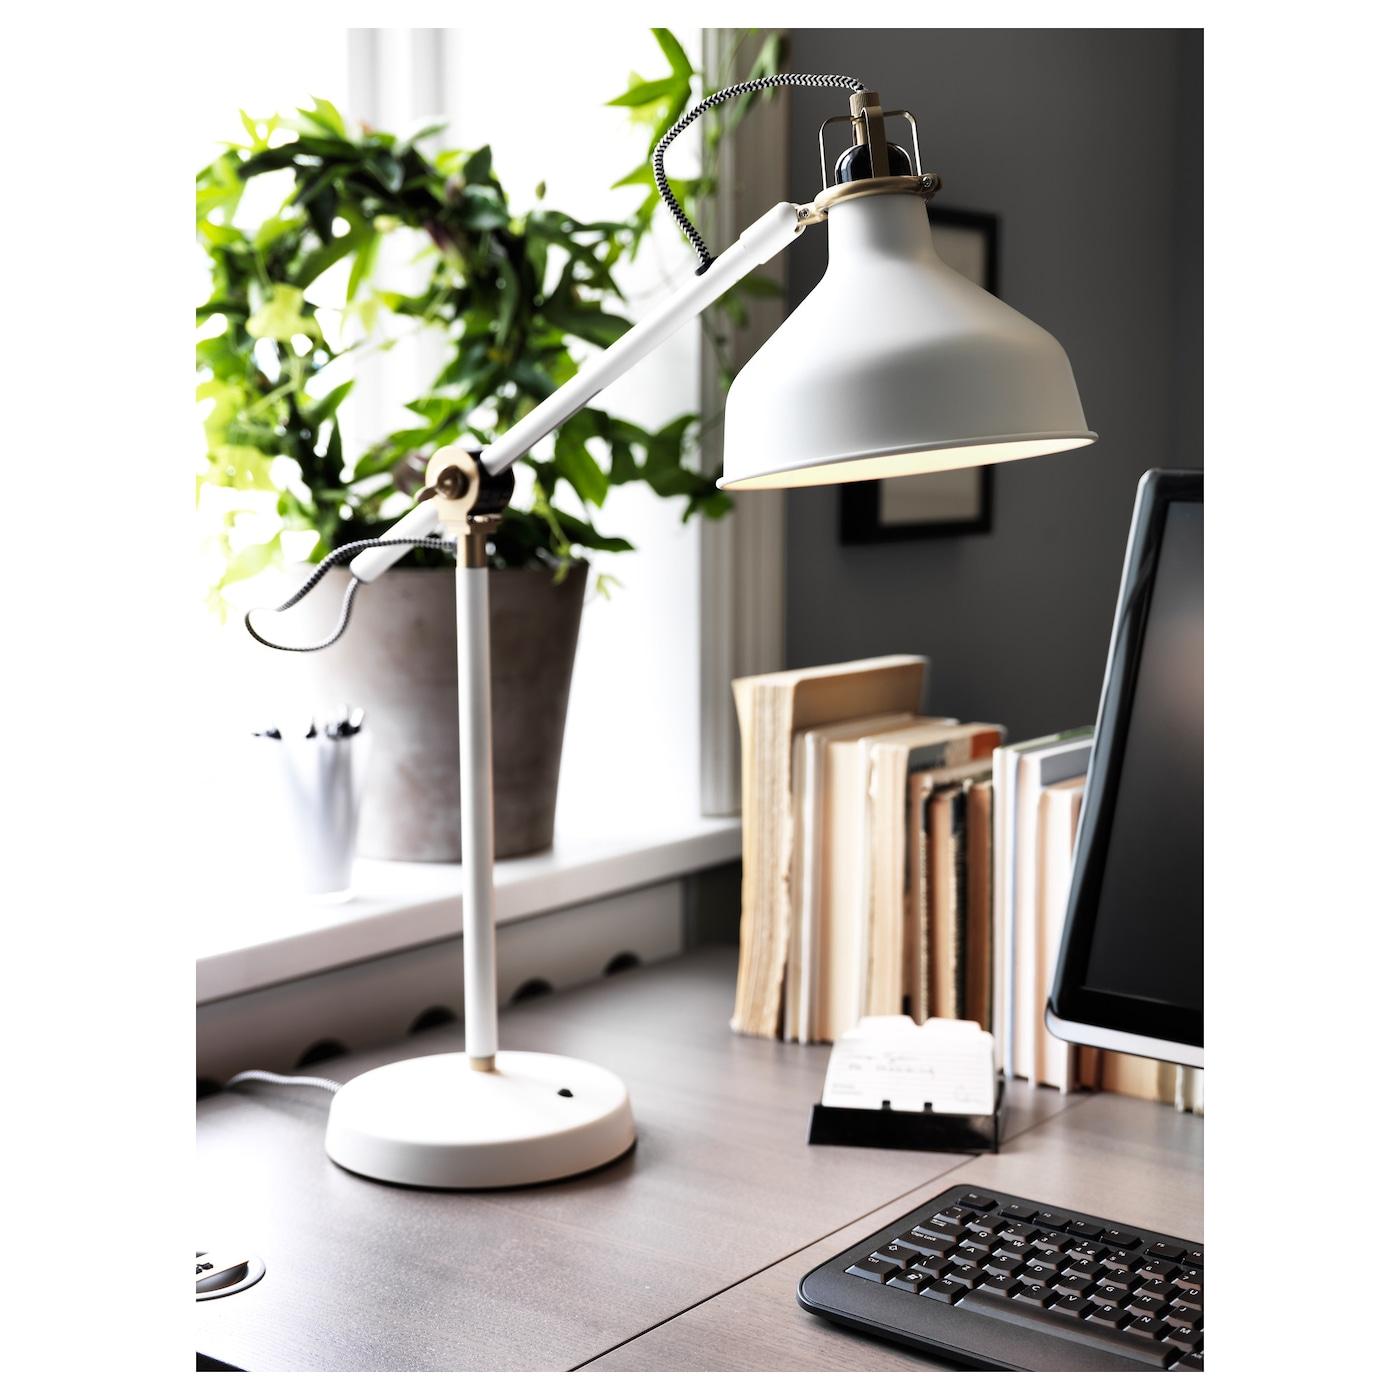 ranarp-work-lamp-off-white__0281488_pe383265_s5 Impressionnant De Ikea Table Relevable Des Idées